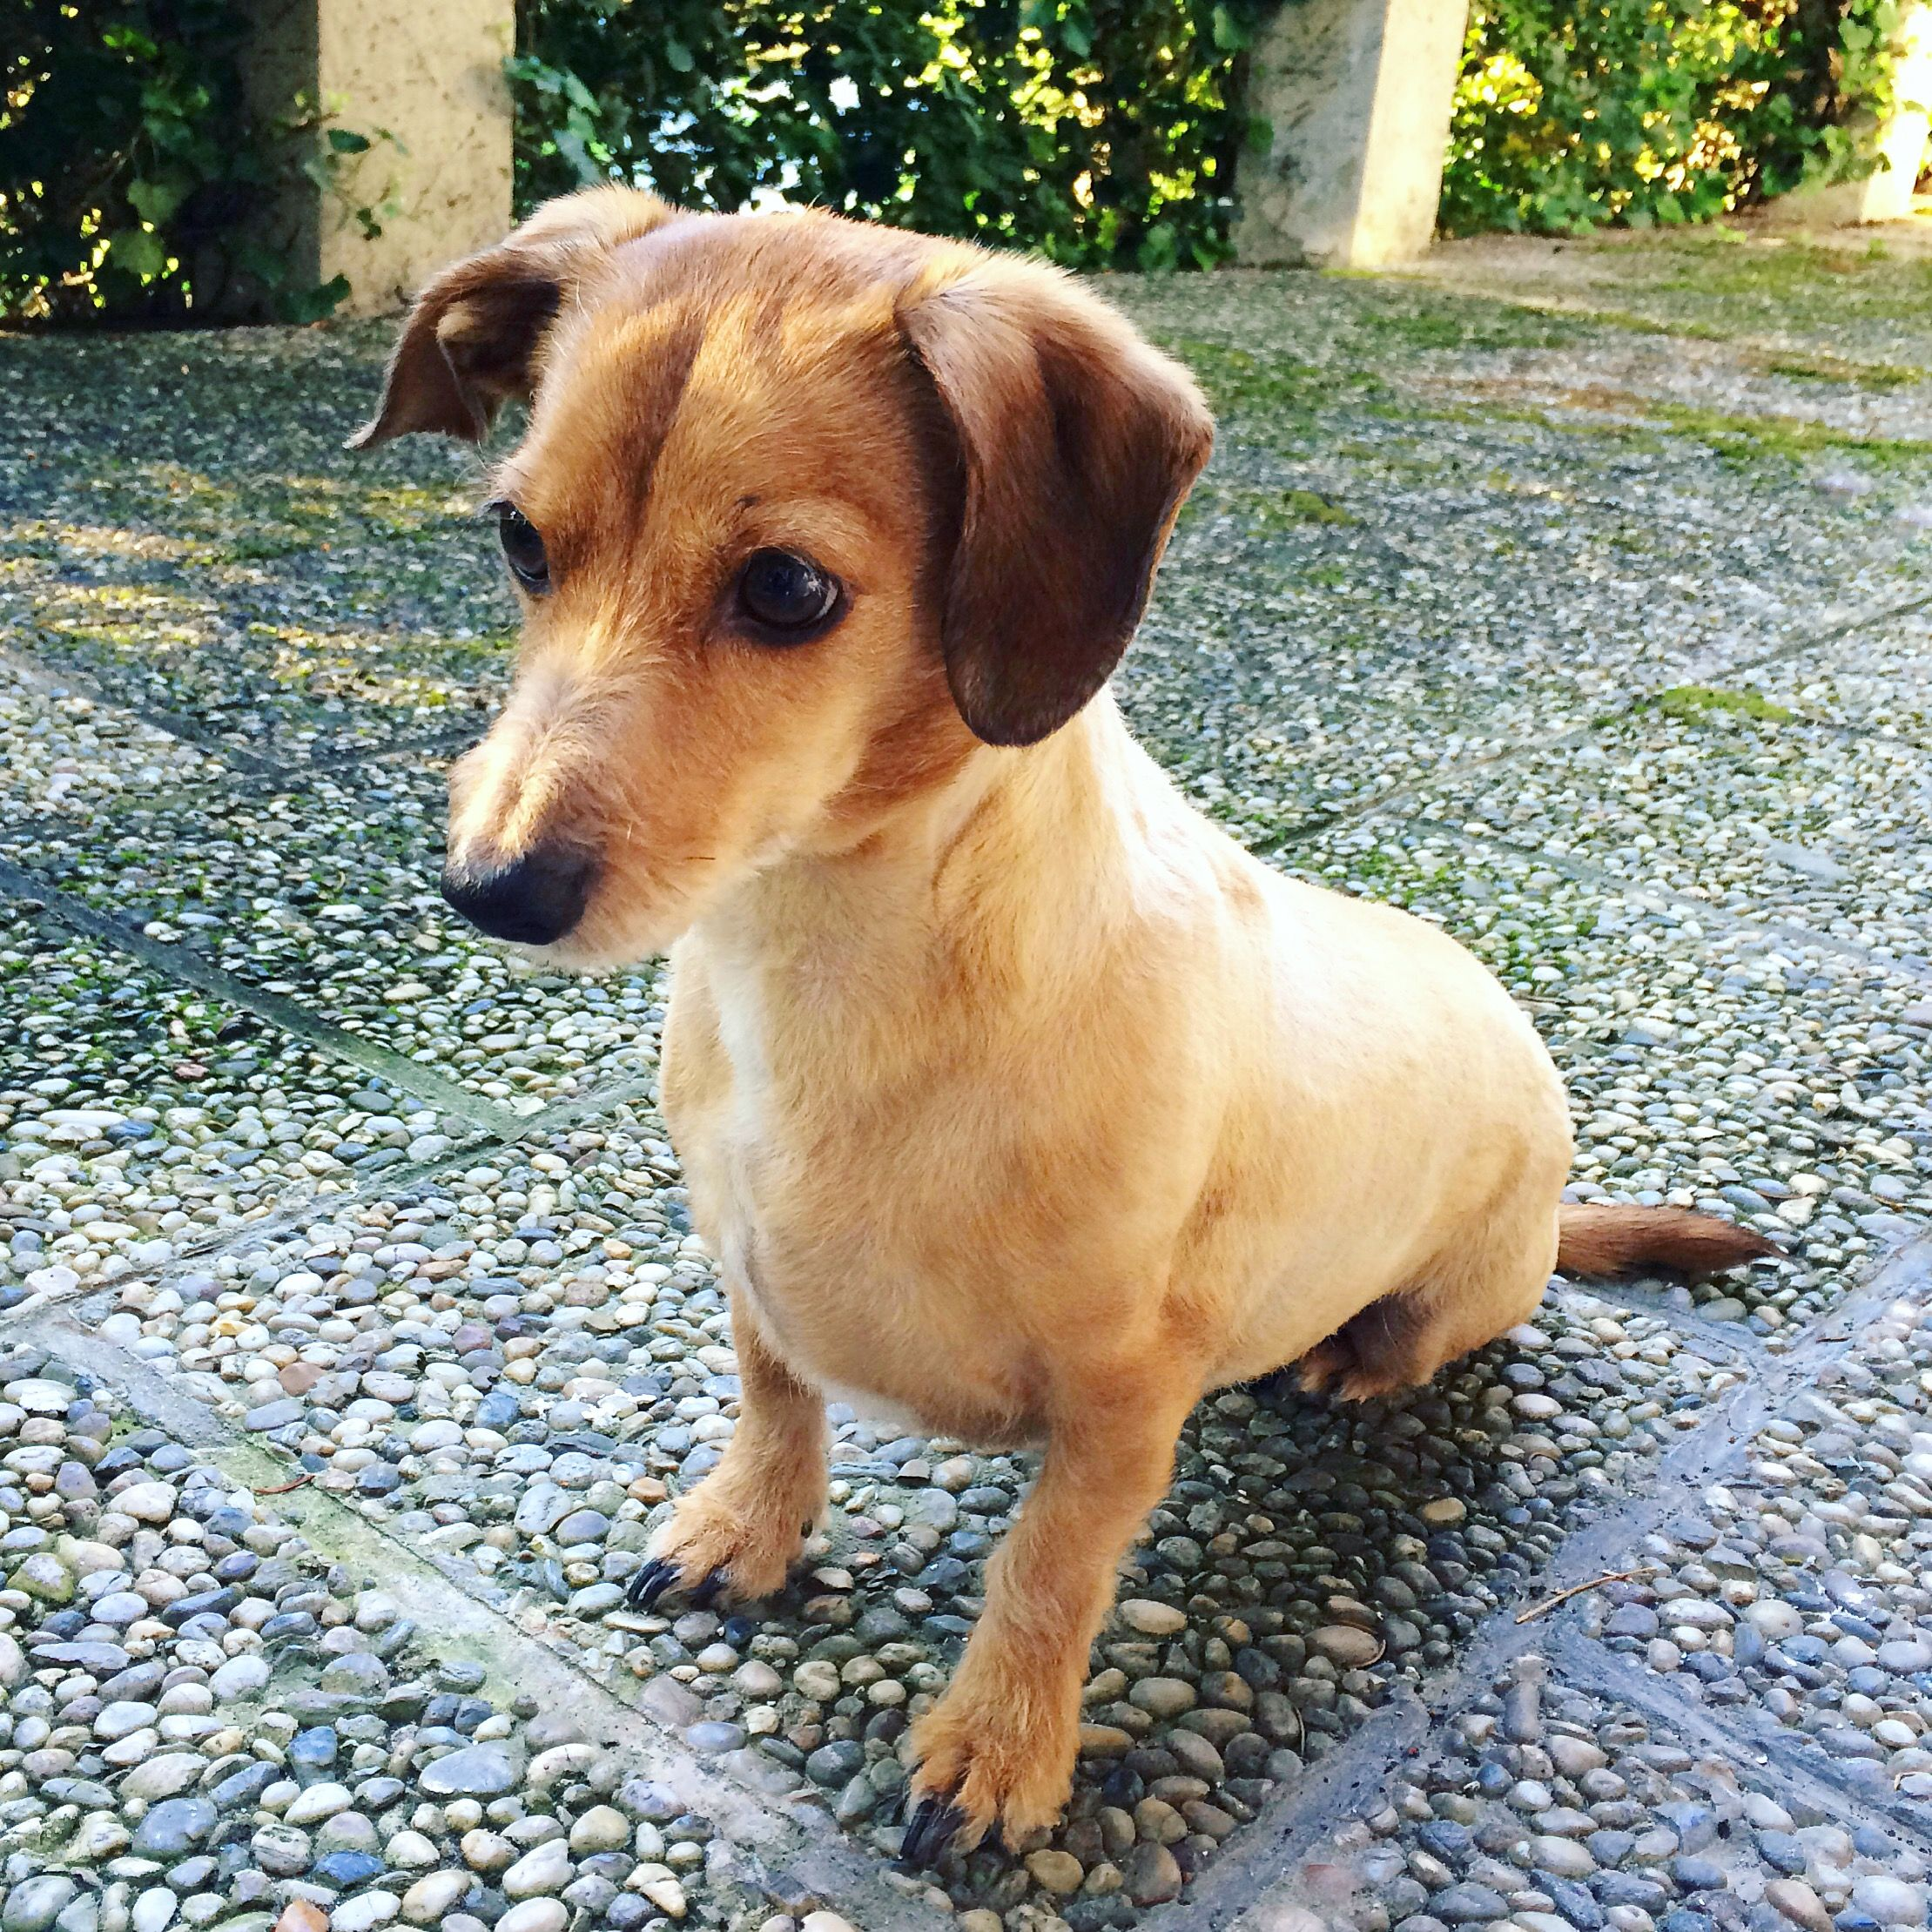 Pin Von Pawshake Osterreich Auf Pawshake Osterreich Hunde Lustige Hunde Hunde Bilder Hundebilder